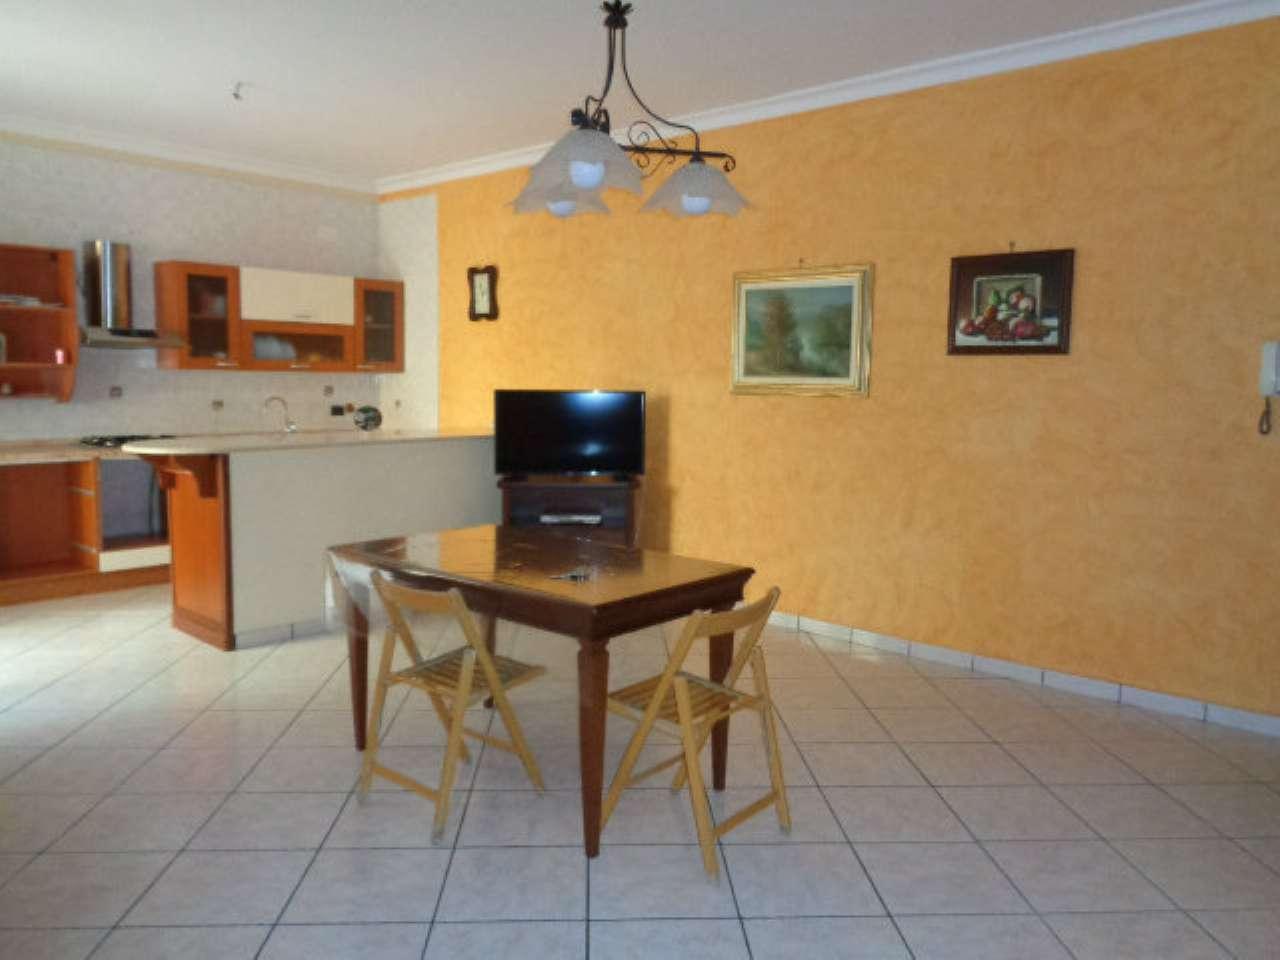 Appartamento in vendita a Marano di Napoli, 3 locali, prezzo € 137.000 | Cambio Casa.it